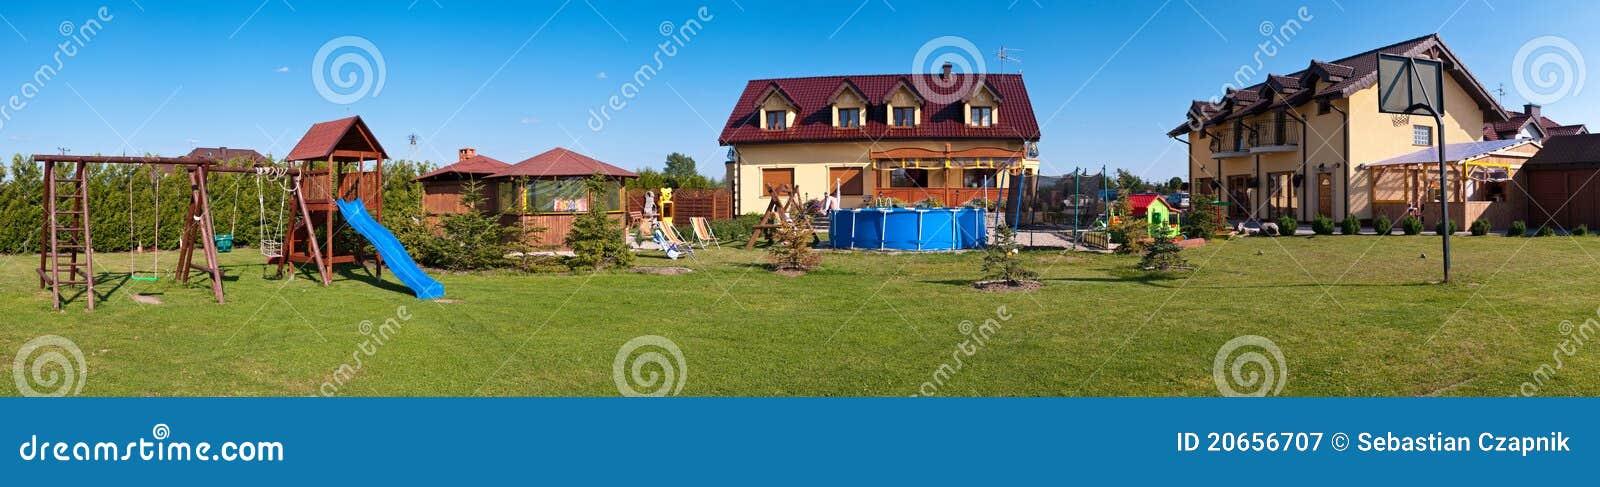 Patio trasero de una casa grande